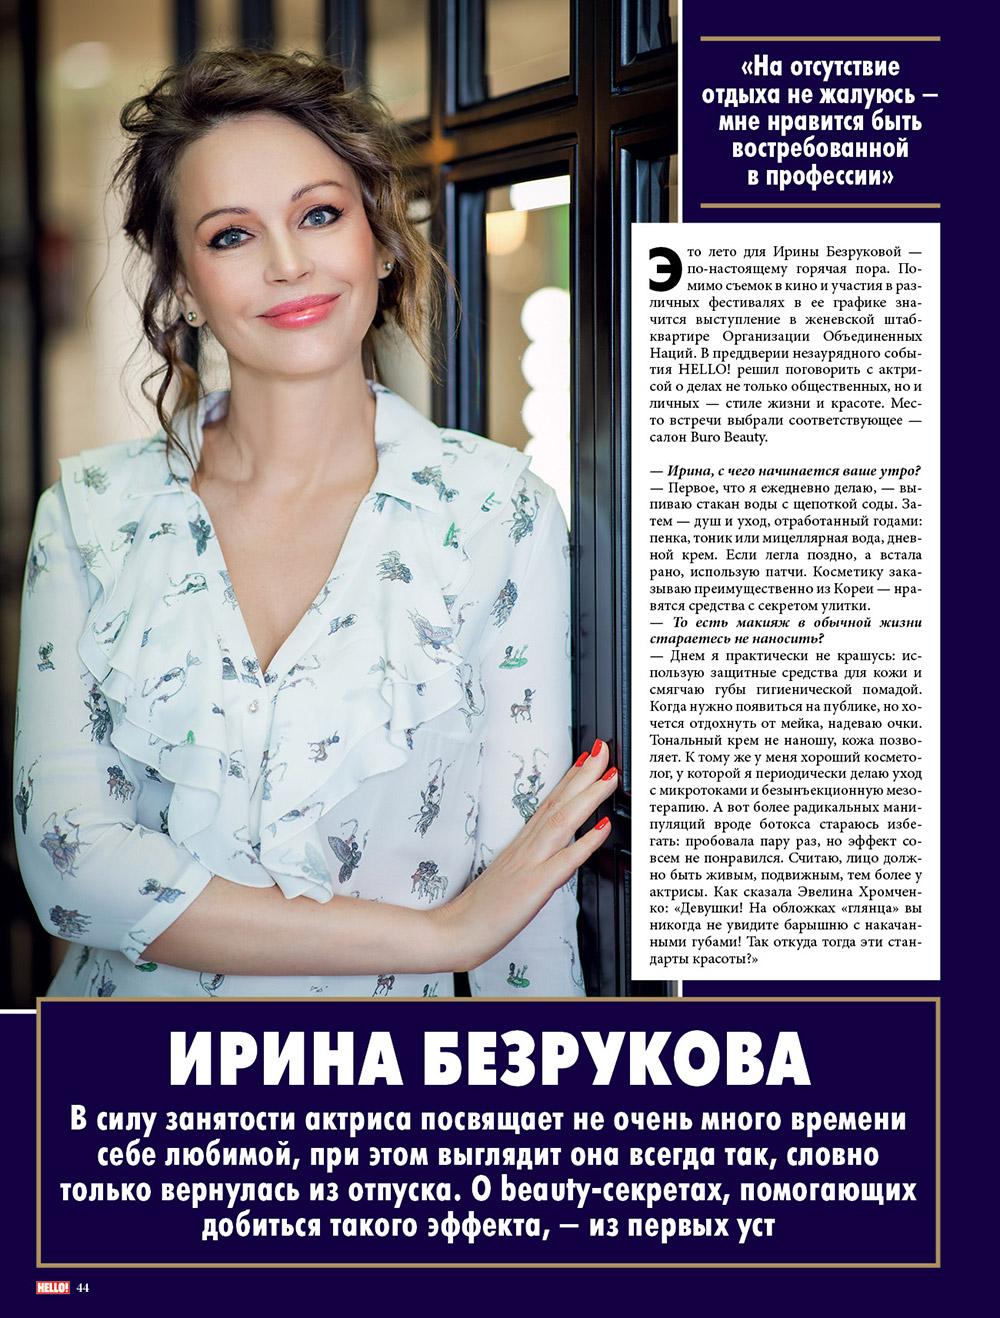 Ирина Безрукова в платьях A LA RUSSE